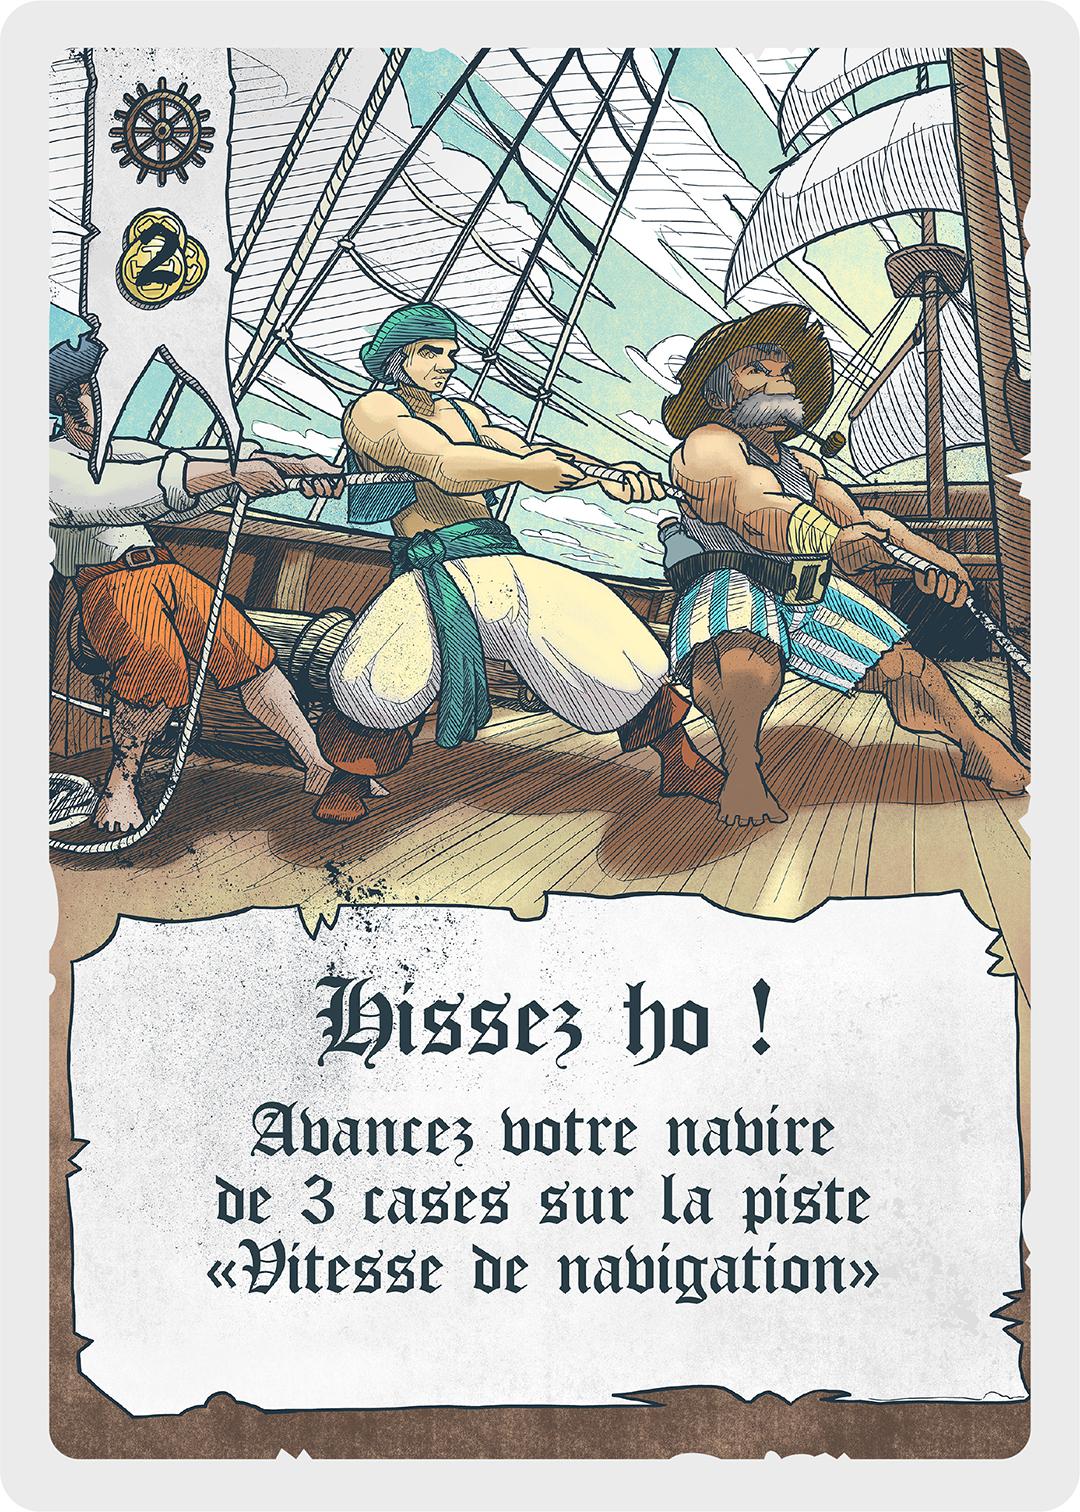 Carte Hissez ho !